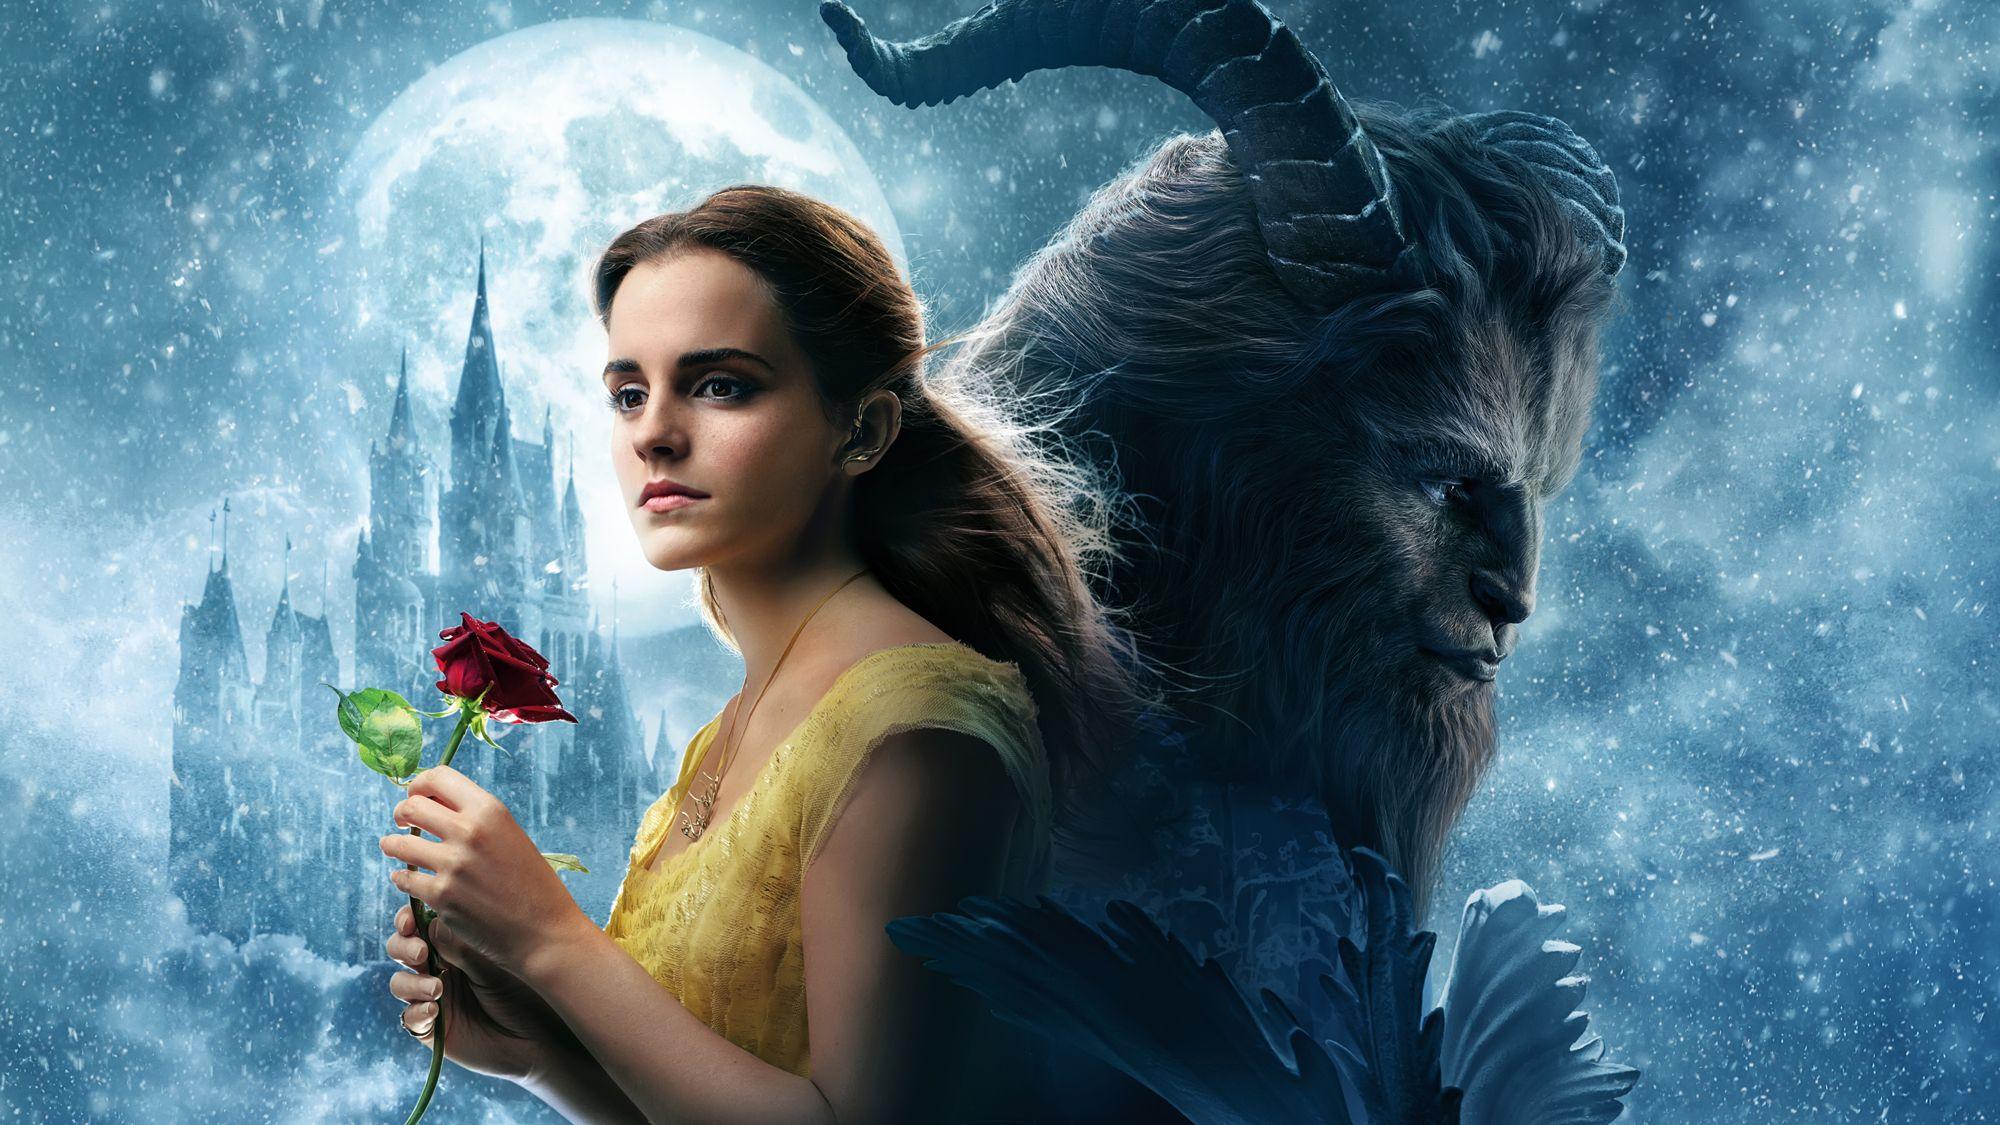 La Bella Y La Bestia Historia De Amor B//W cross stitch chart buy 1 Get 1 Mitad De Precio